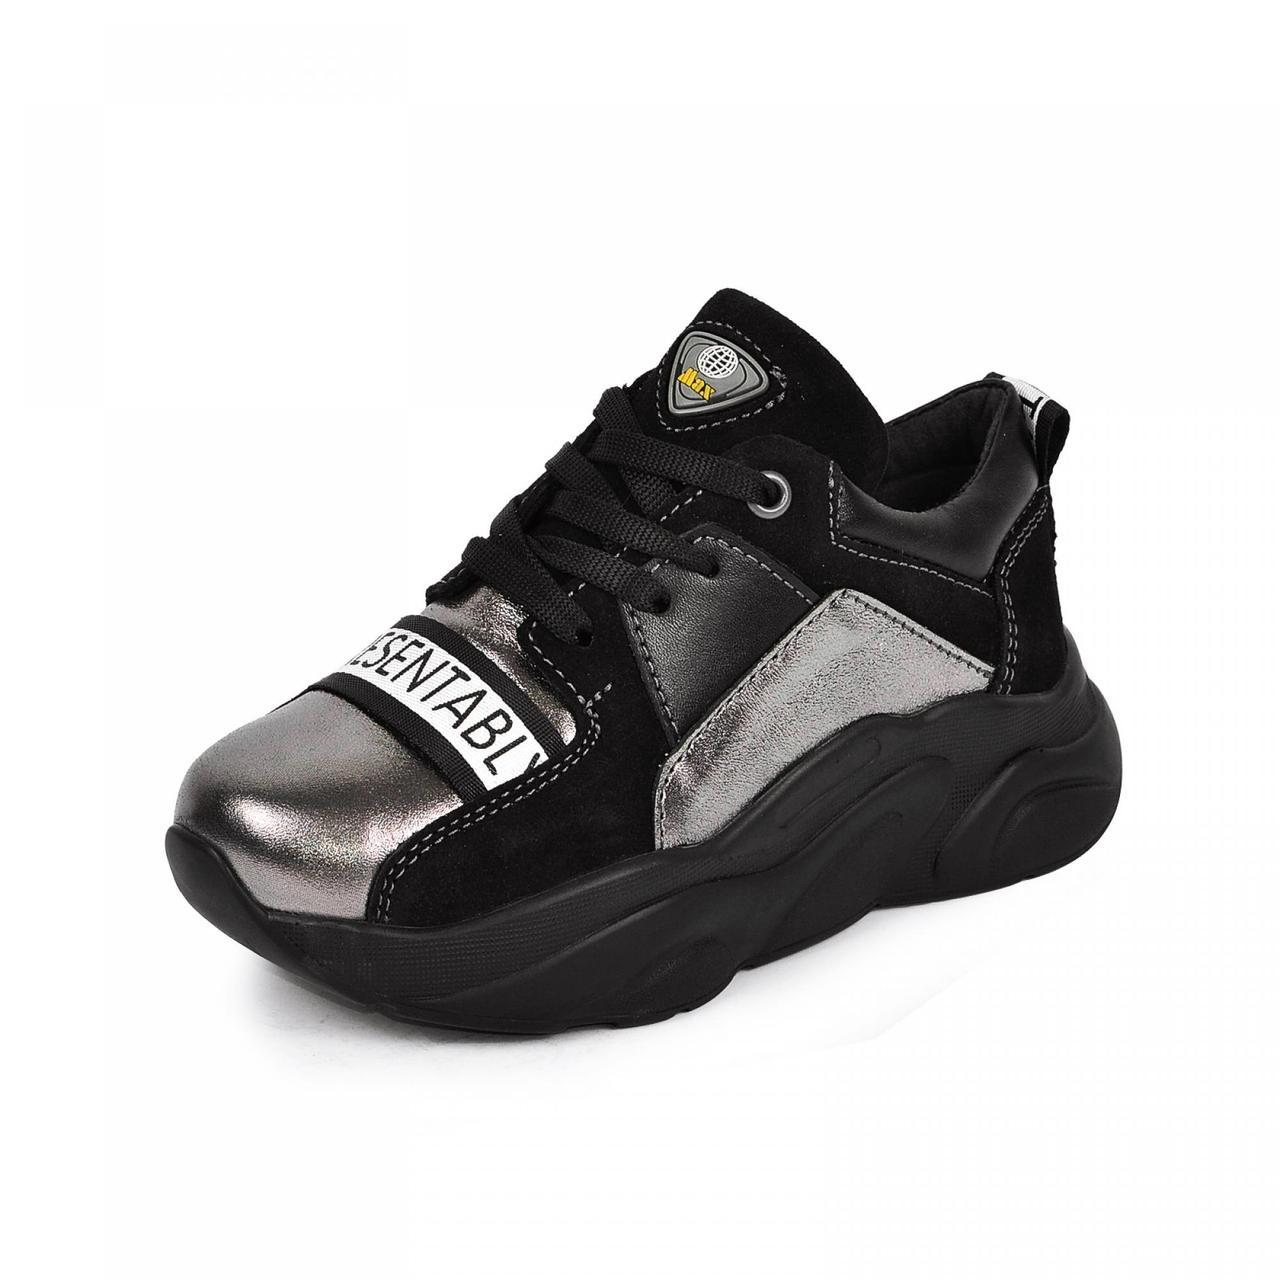 Підліткові і дитячі кросівки лего нікель шкіра, чорний замш р. 32 33 34 35 36 37 38 39